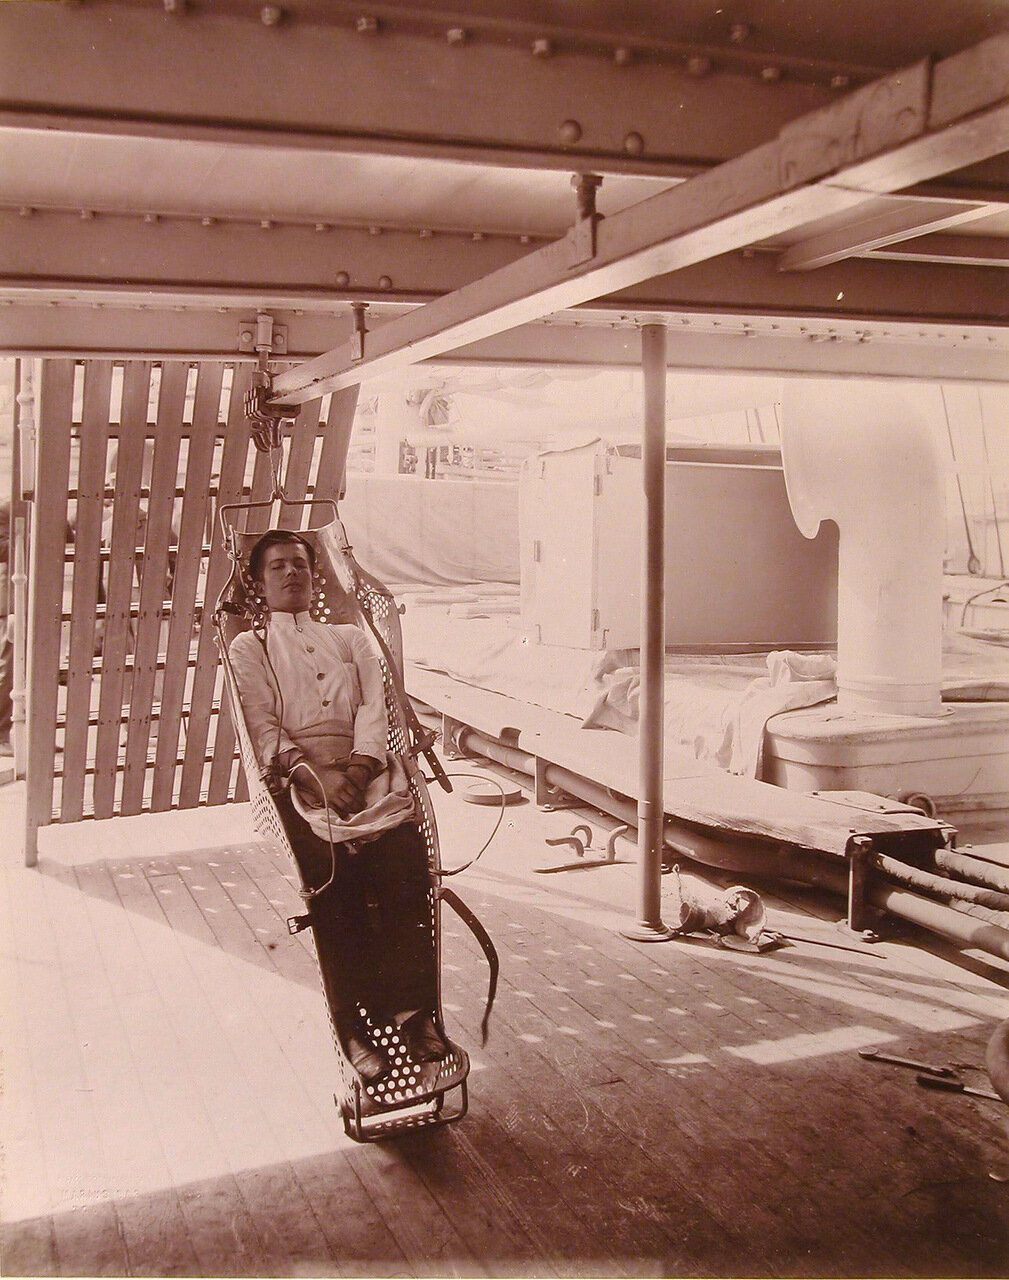 31. Носилки системы доктора Оффре, предназначенные для перемещения раненых по палубе плавучего госпиталя Орел в вертикальном положении